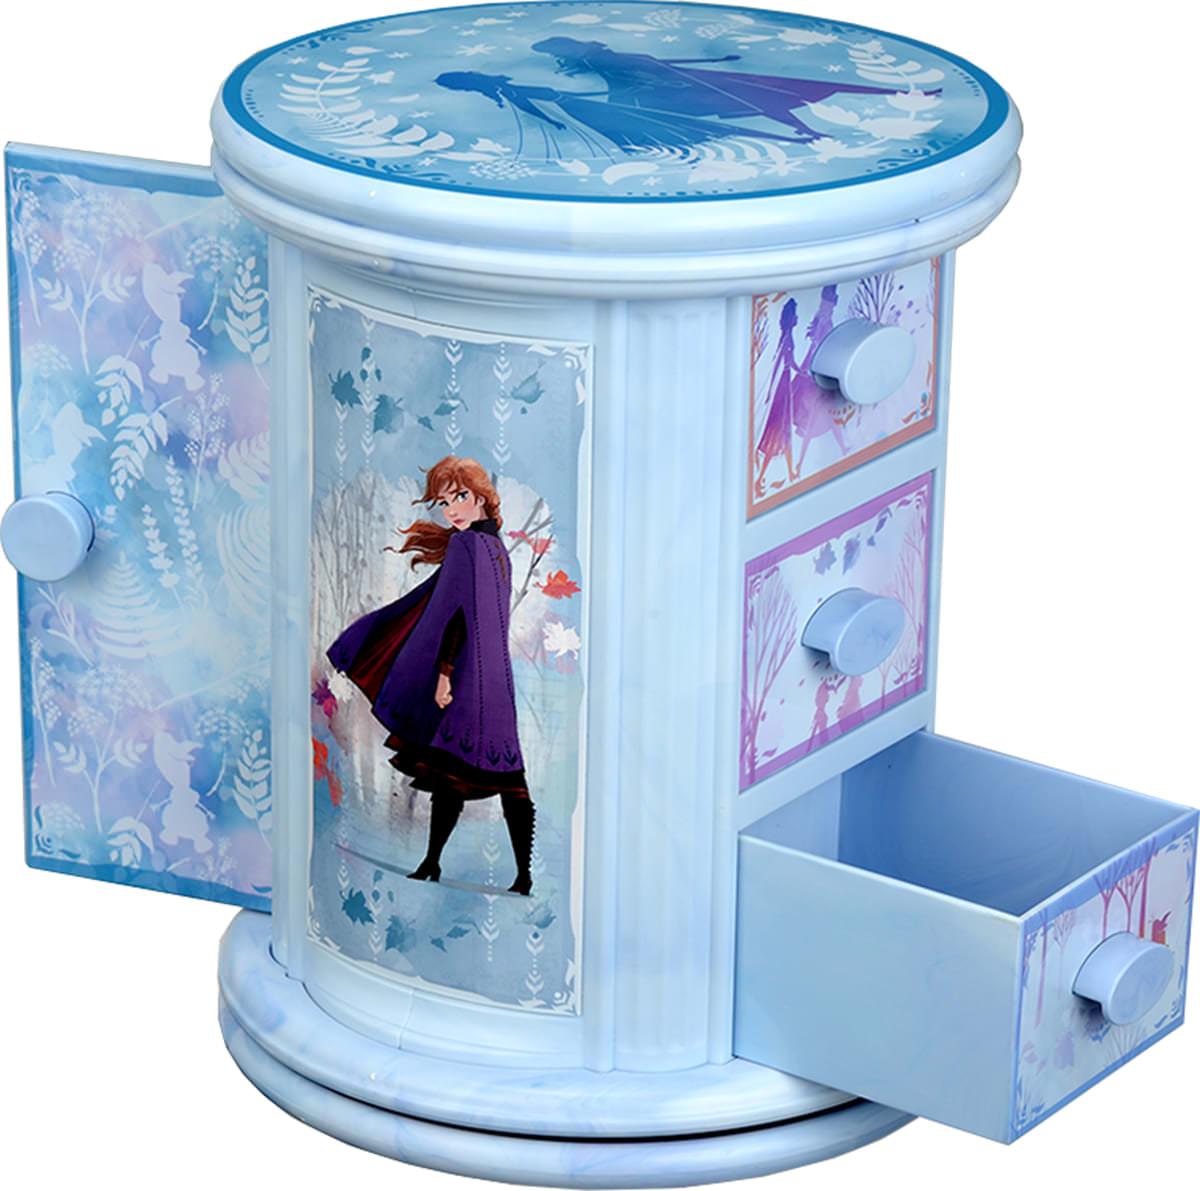 アナと雪の女王2 プレミアムドア付くるくるキャビネット_02